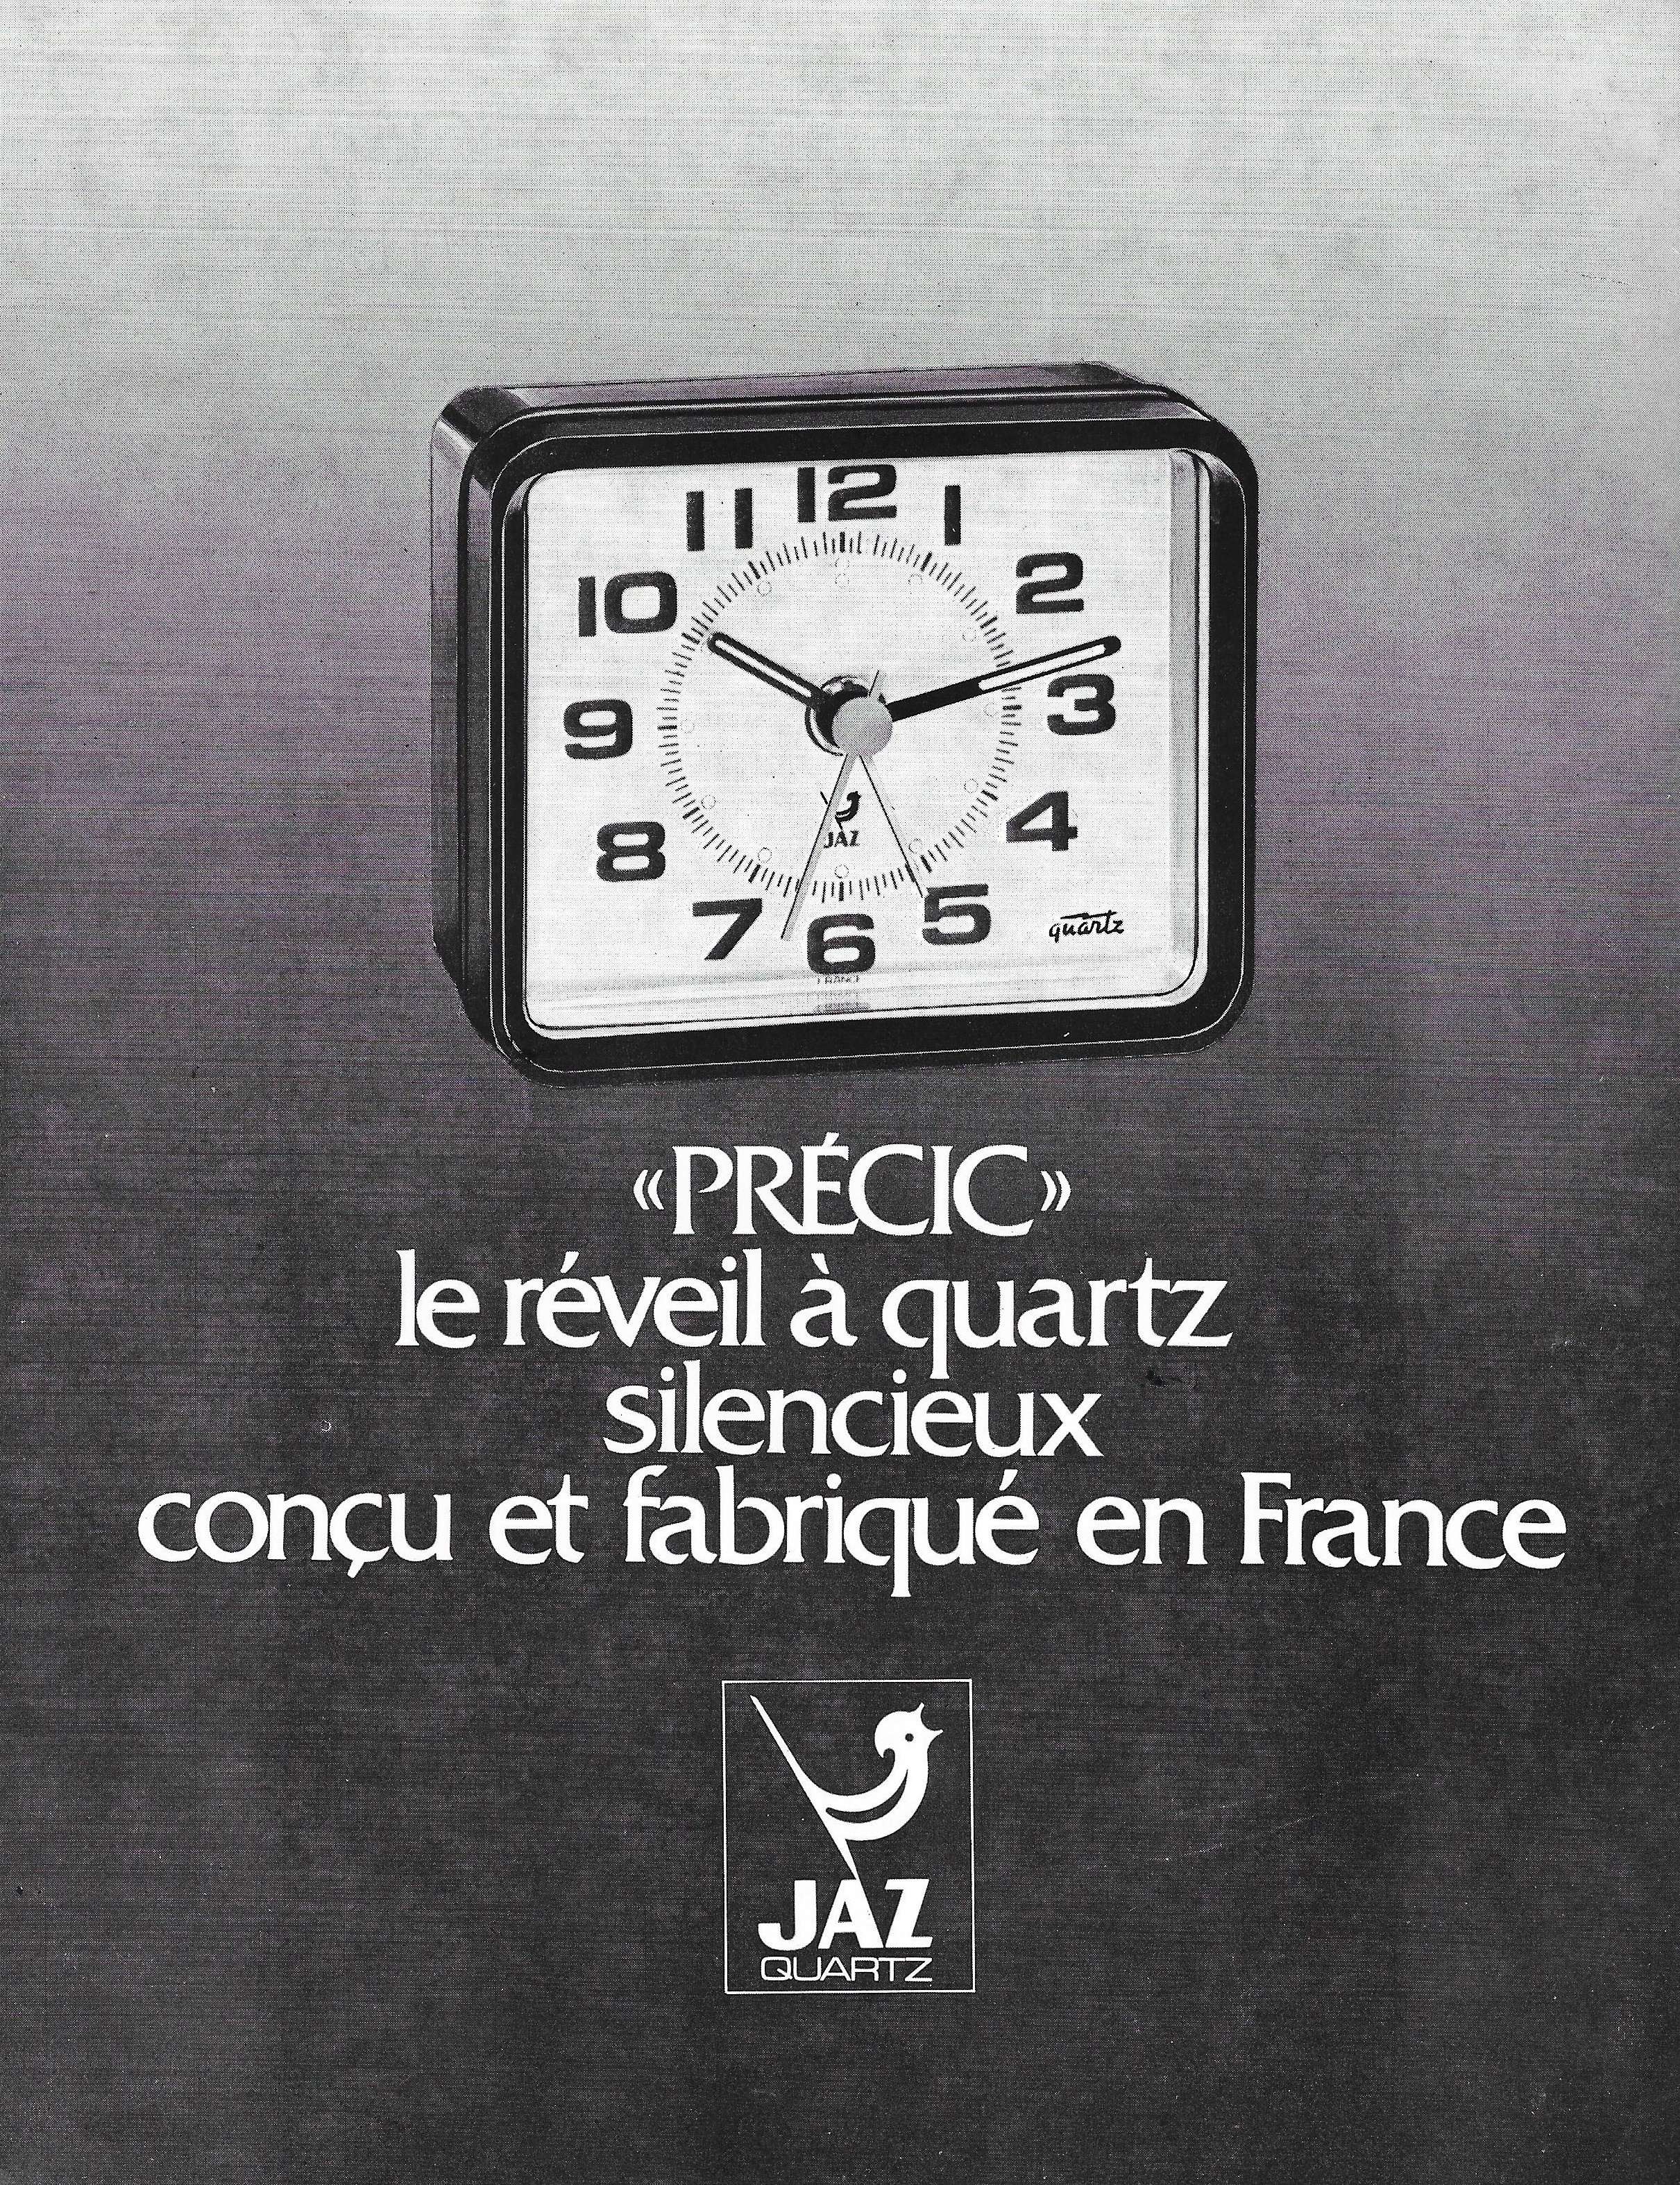 La France Horlogère n°387 mars 78 page 49